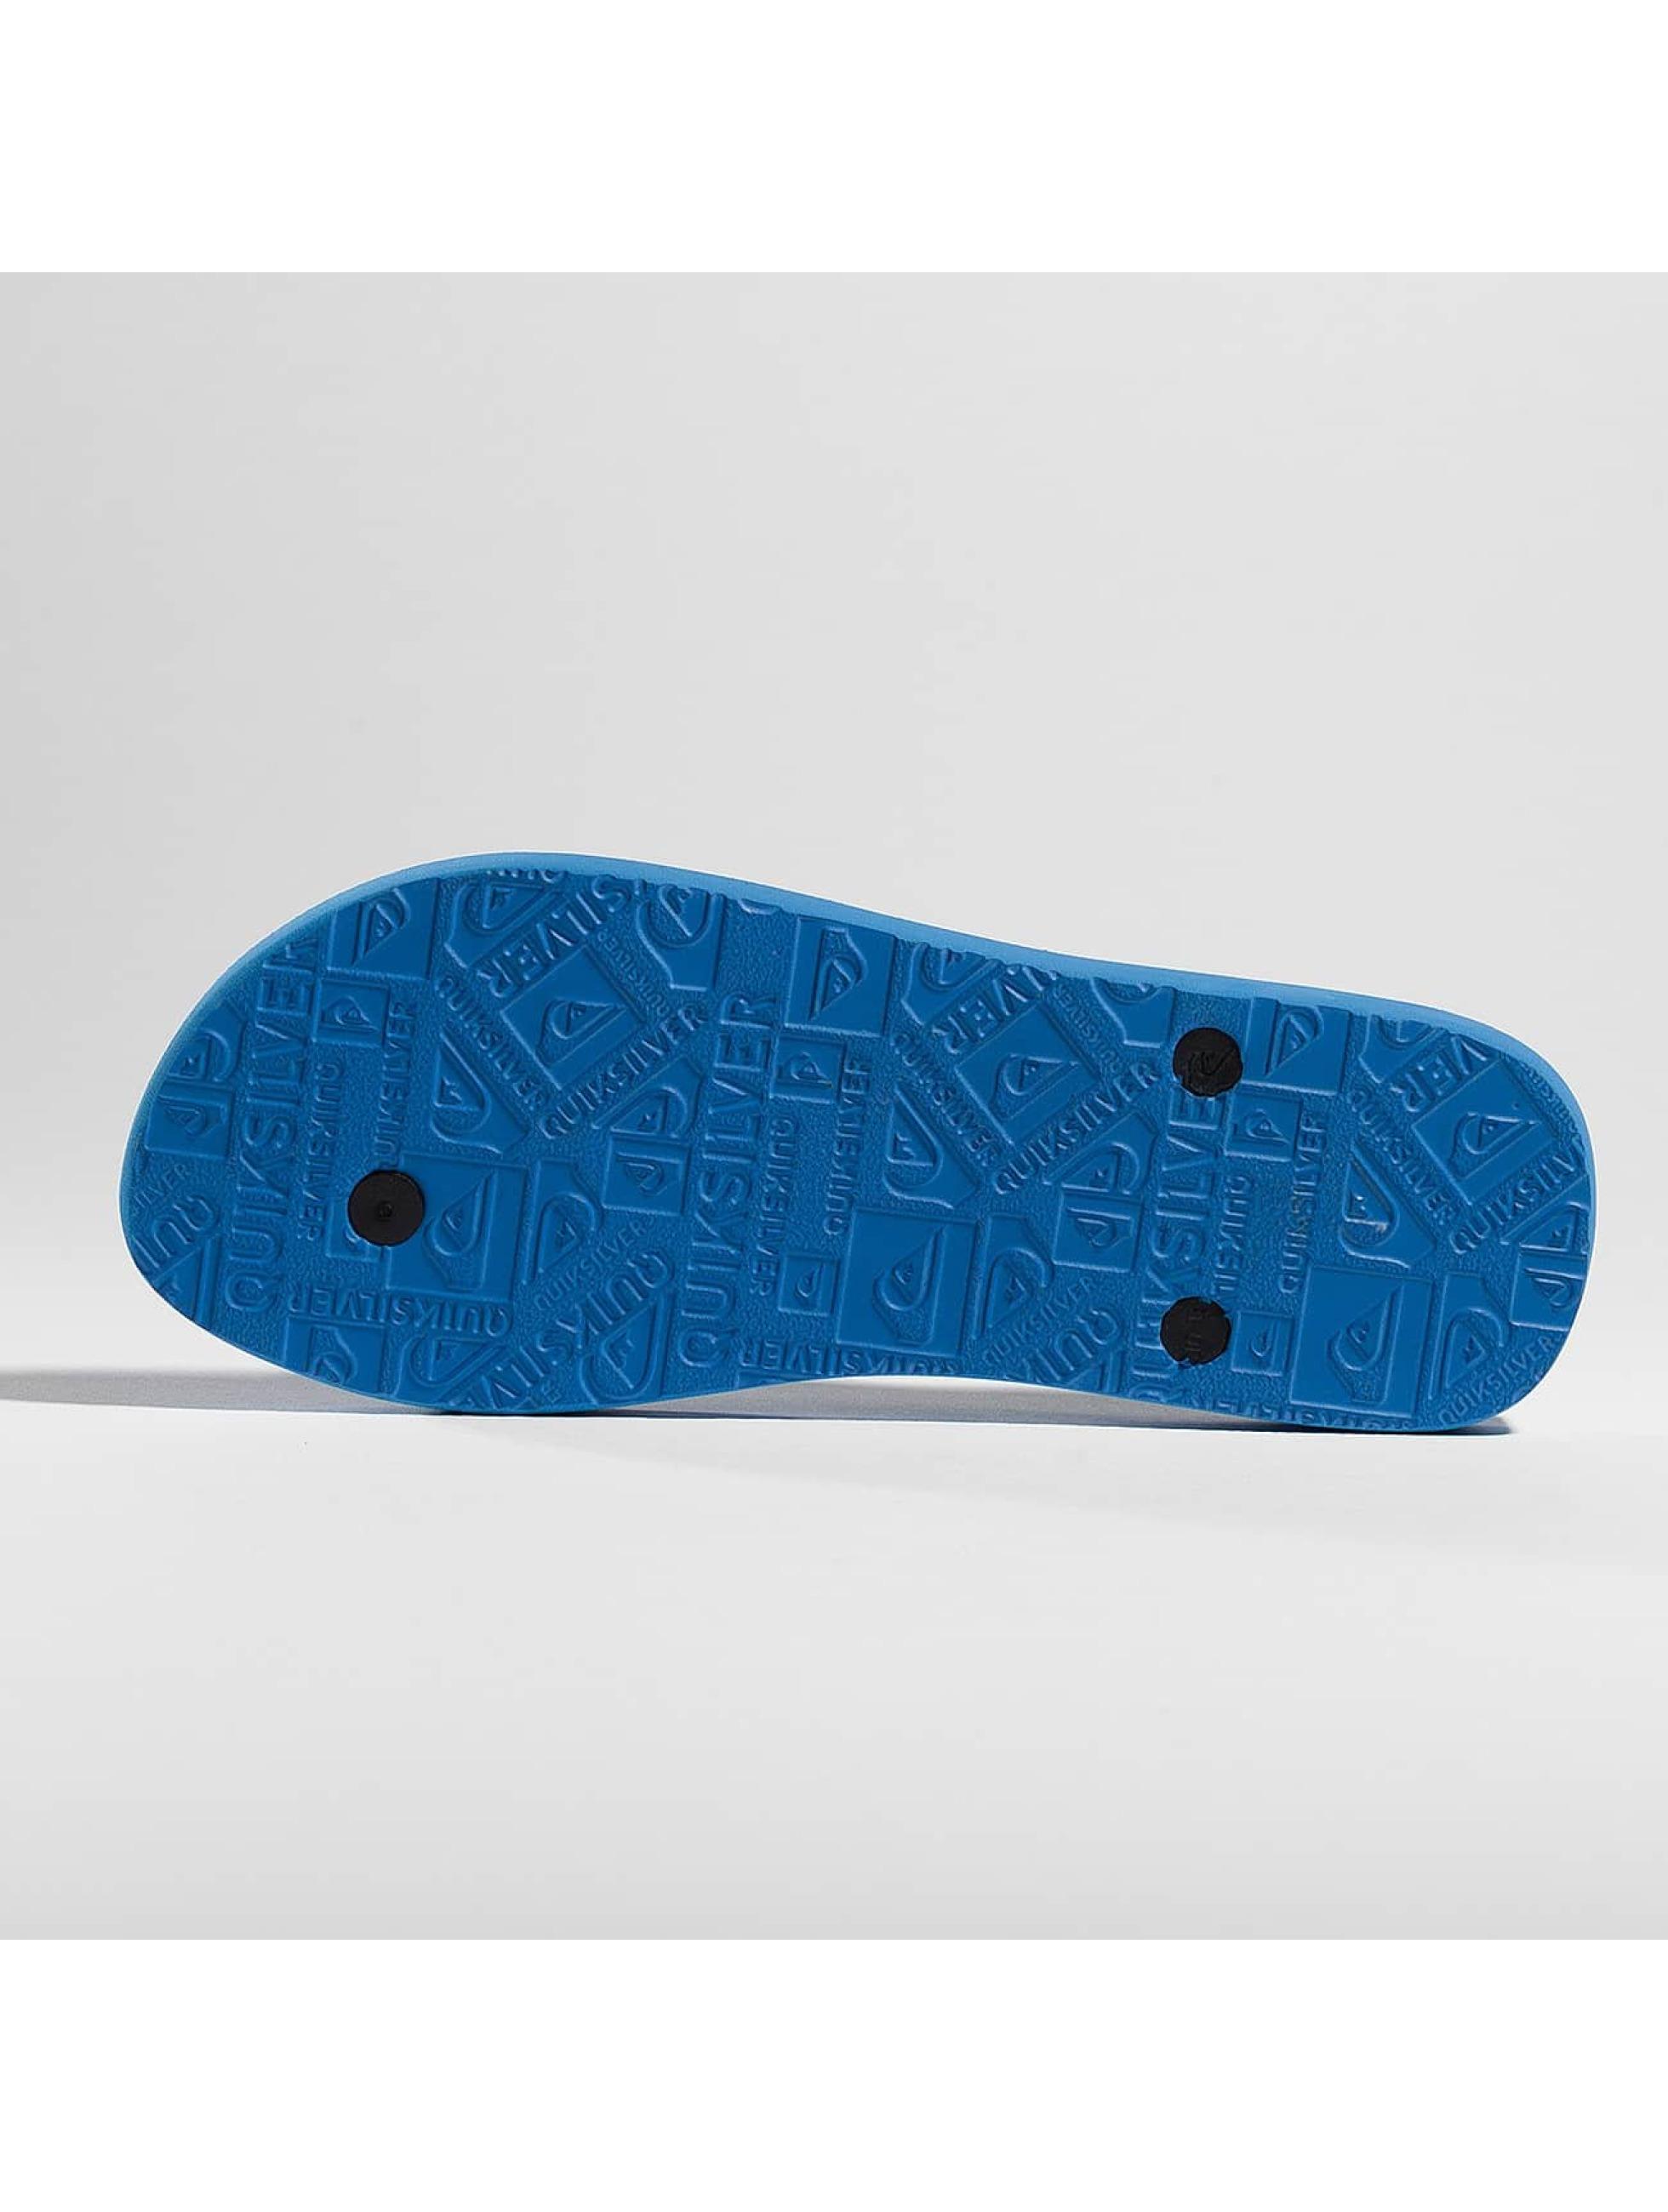 Quiksilver Sandals Java Wordmark blue